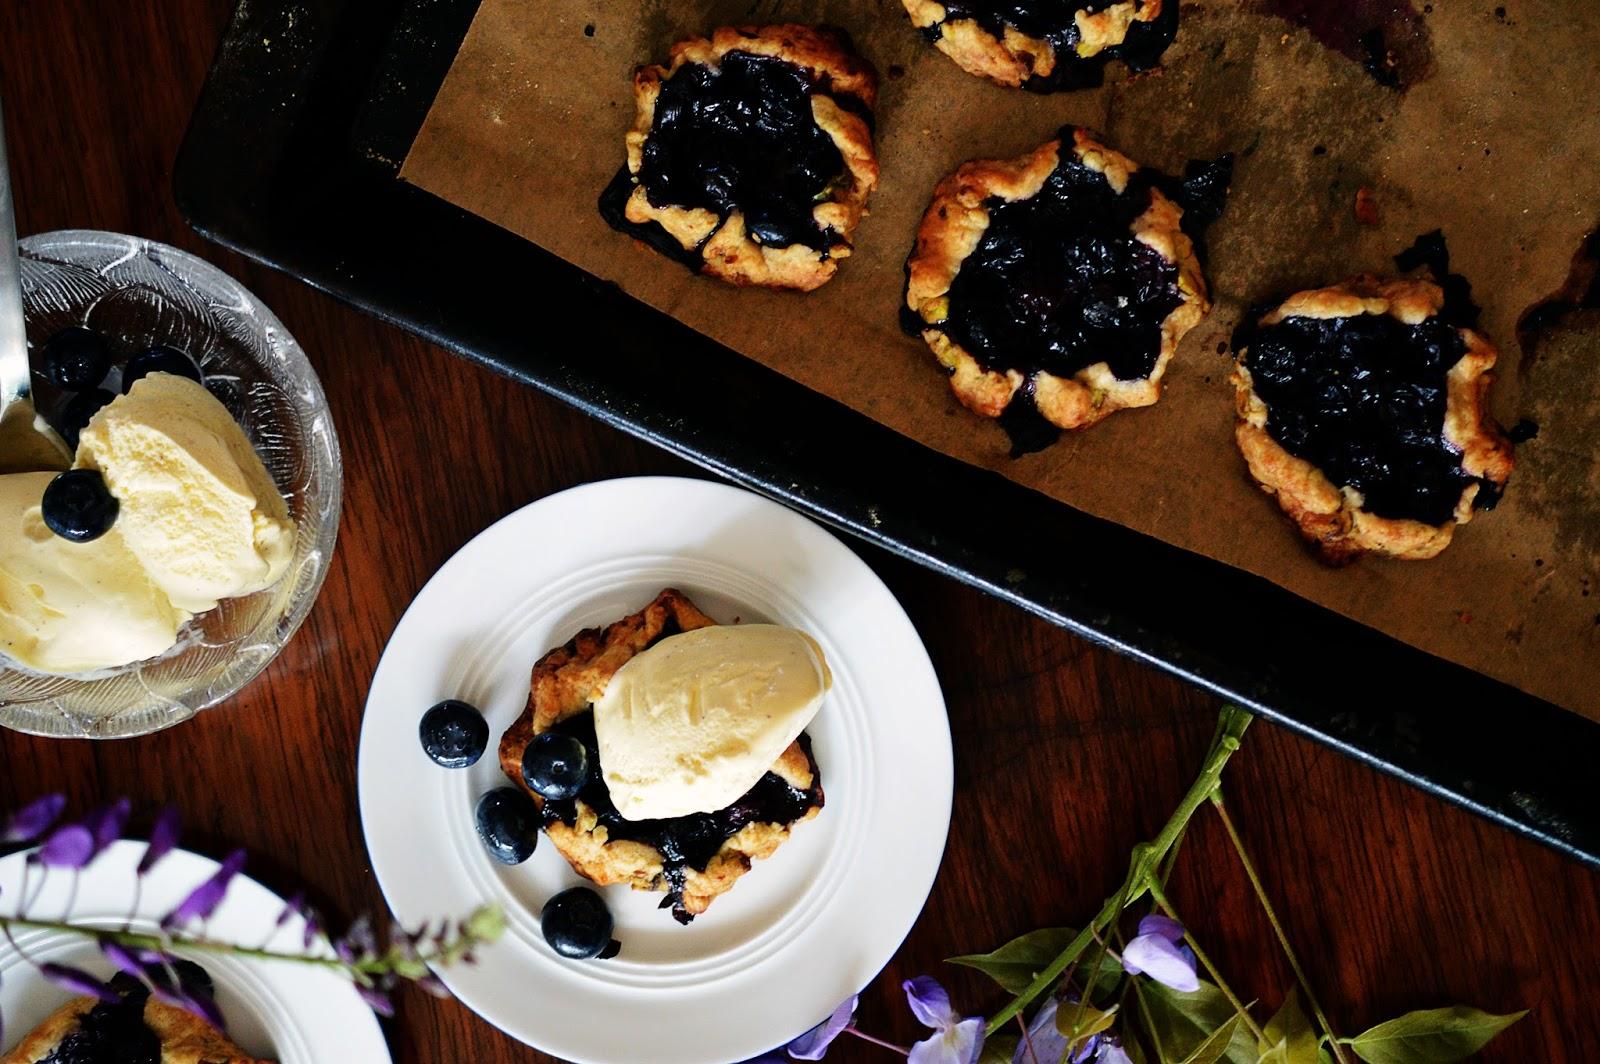 Blueberry Pistachio Galettes | Motte's Blog